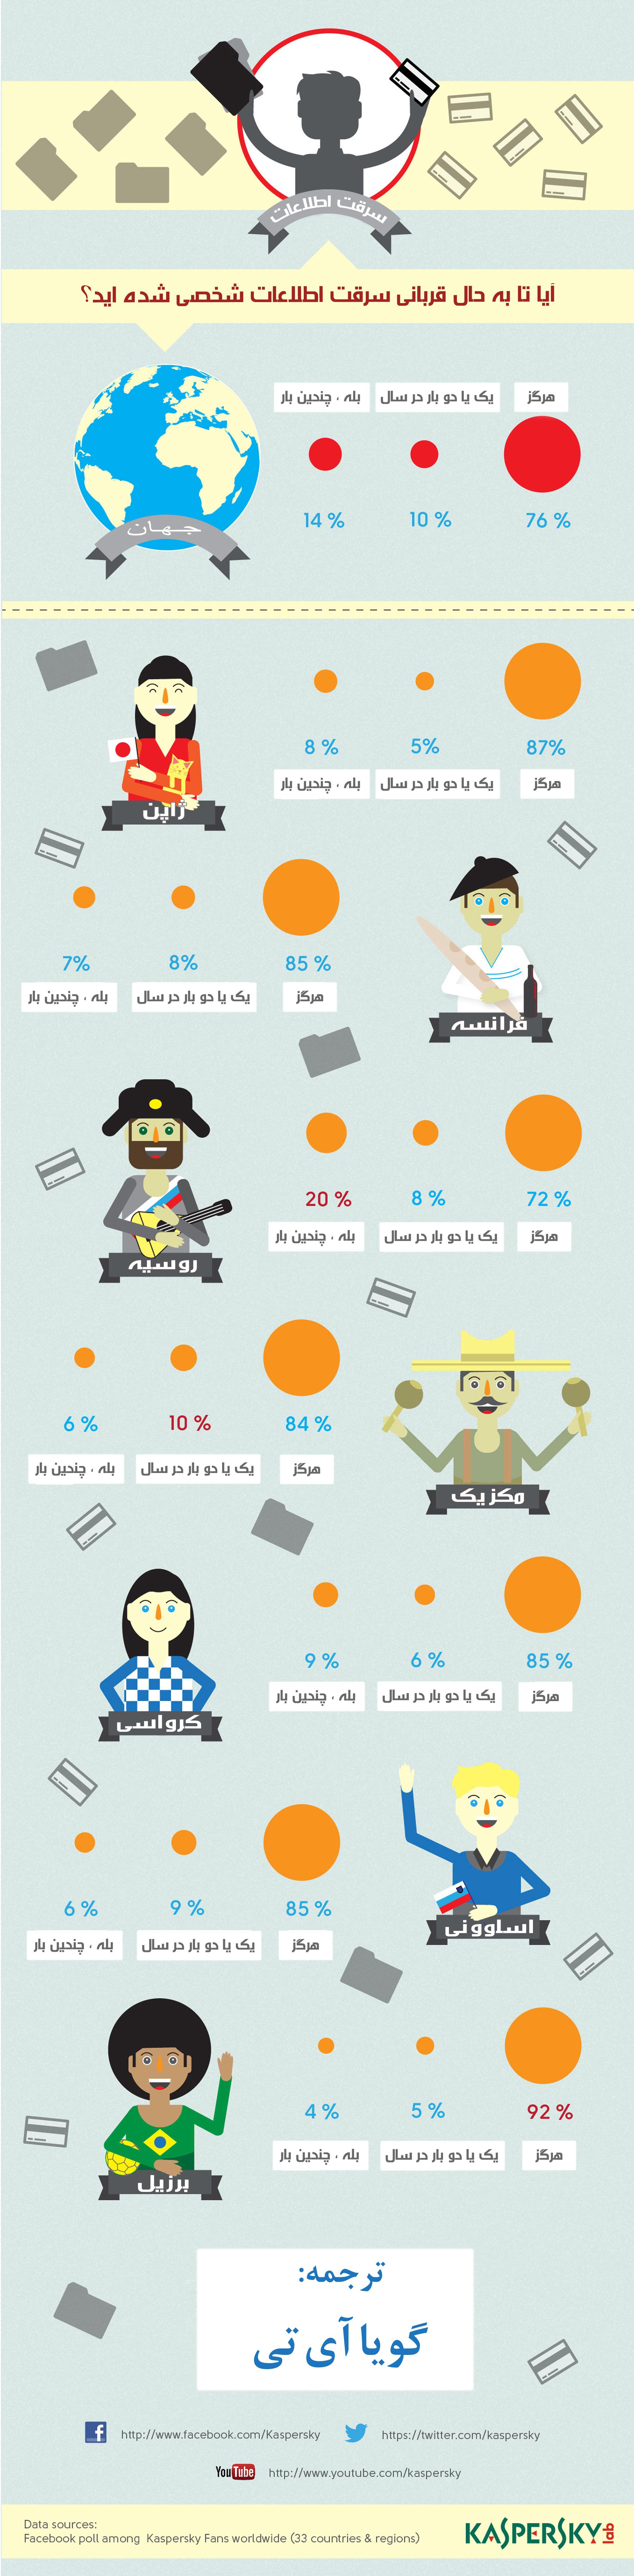 عرضه اپلیکیشن رسمی Thumblr برای ویندوزفون 8